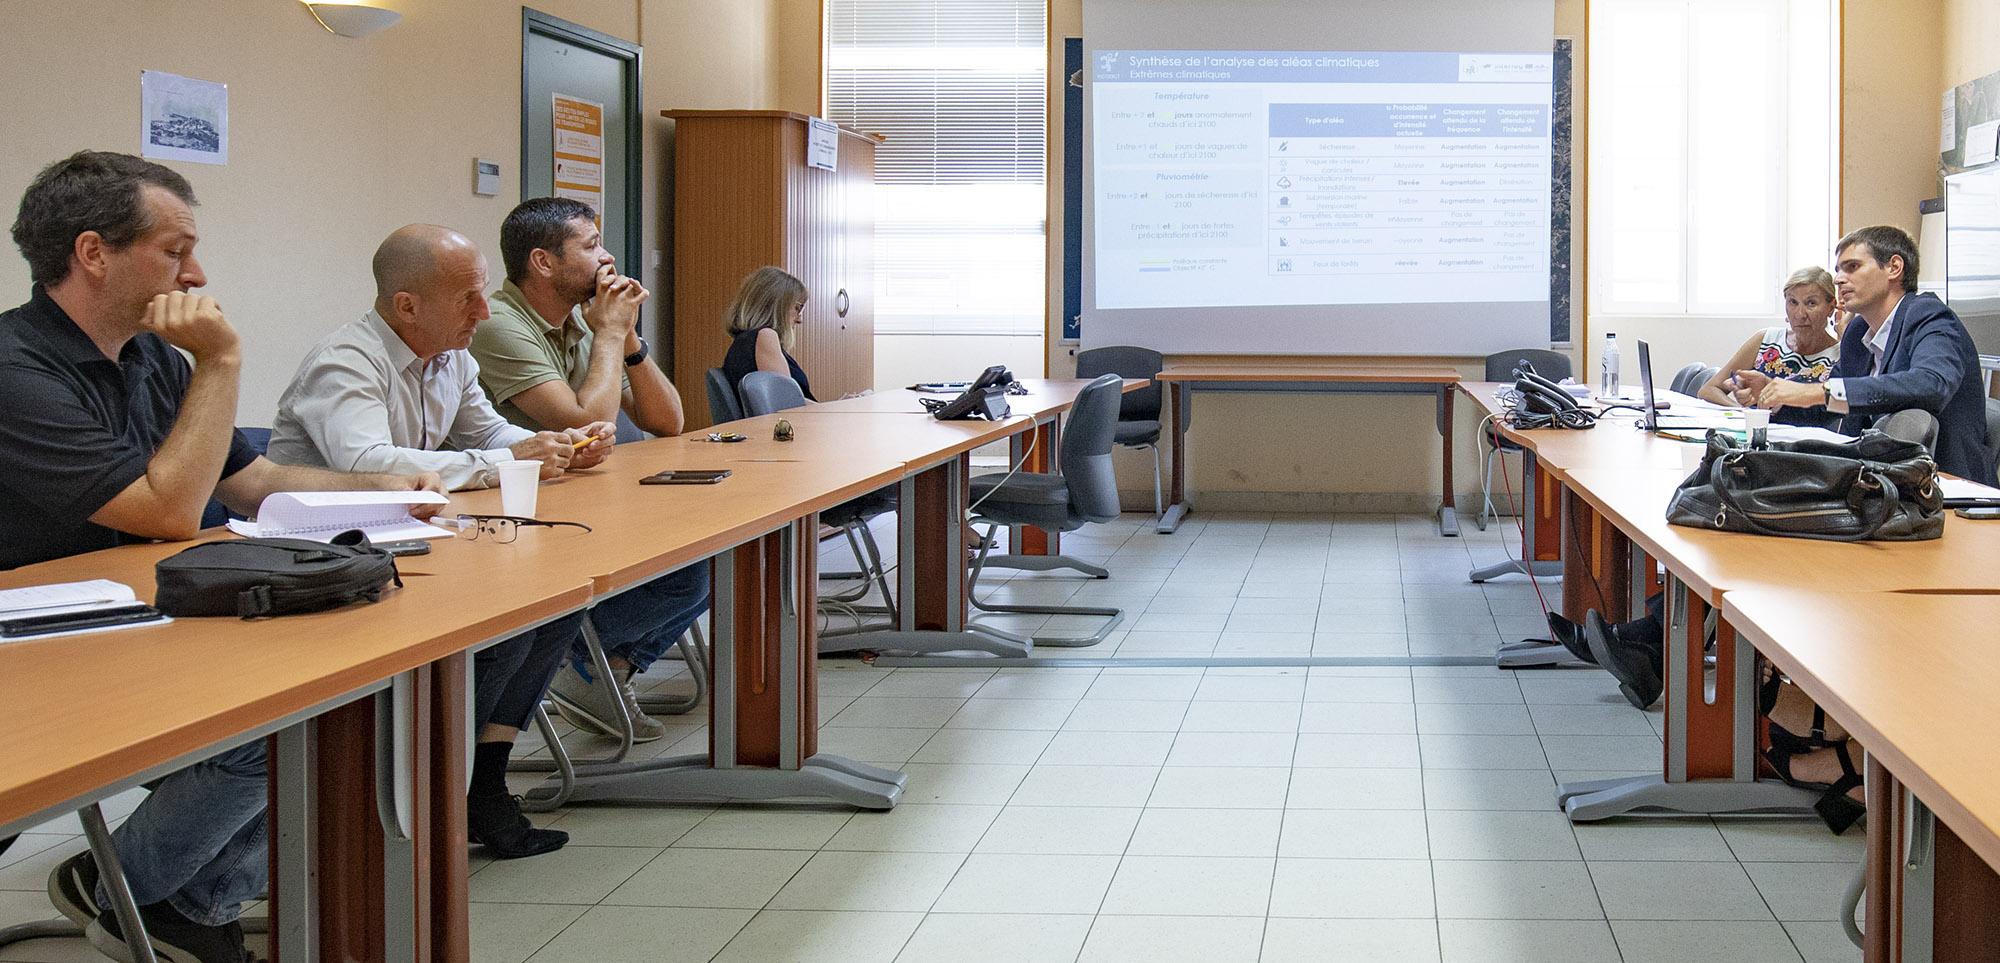 Guillaume Bonnentien,  Chef de projet Expert « Ville durable » (à droite) présente le profil climatique de la Ville d'Ajaccio aux participants.